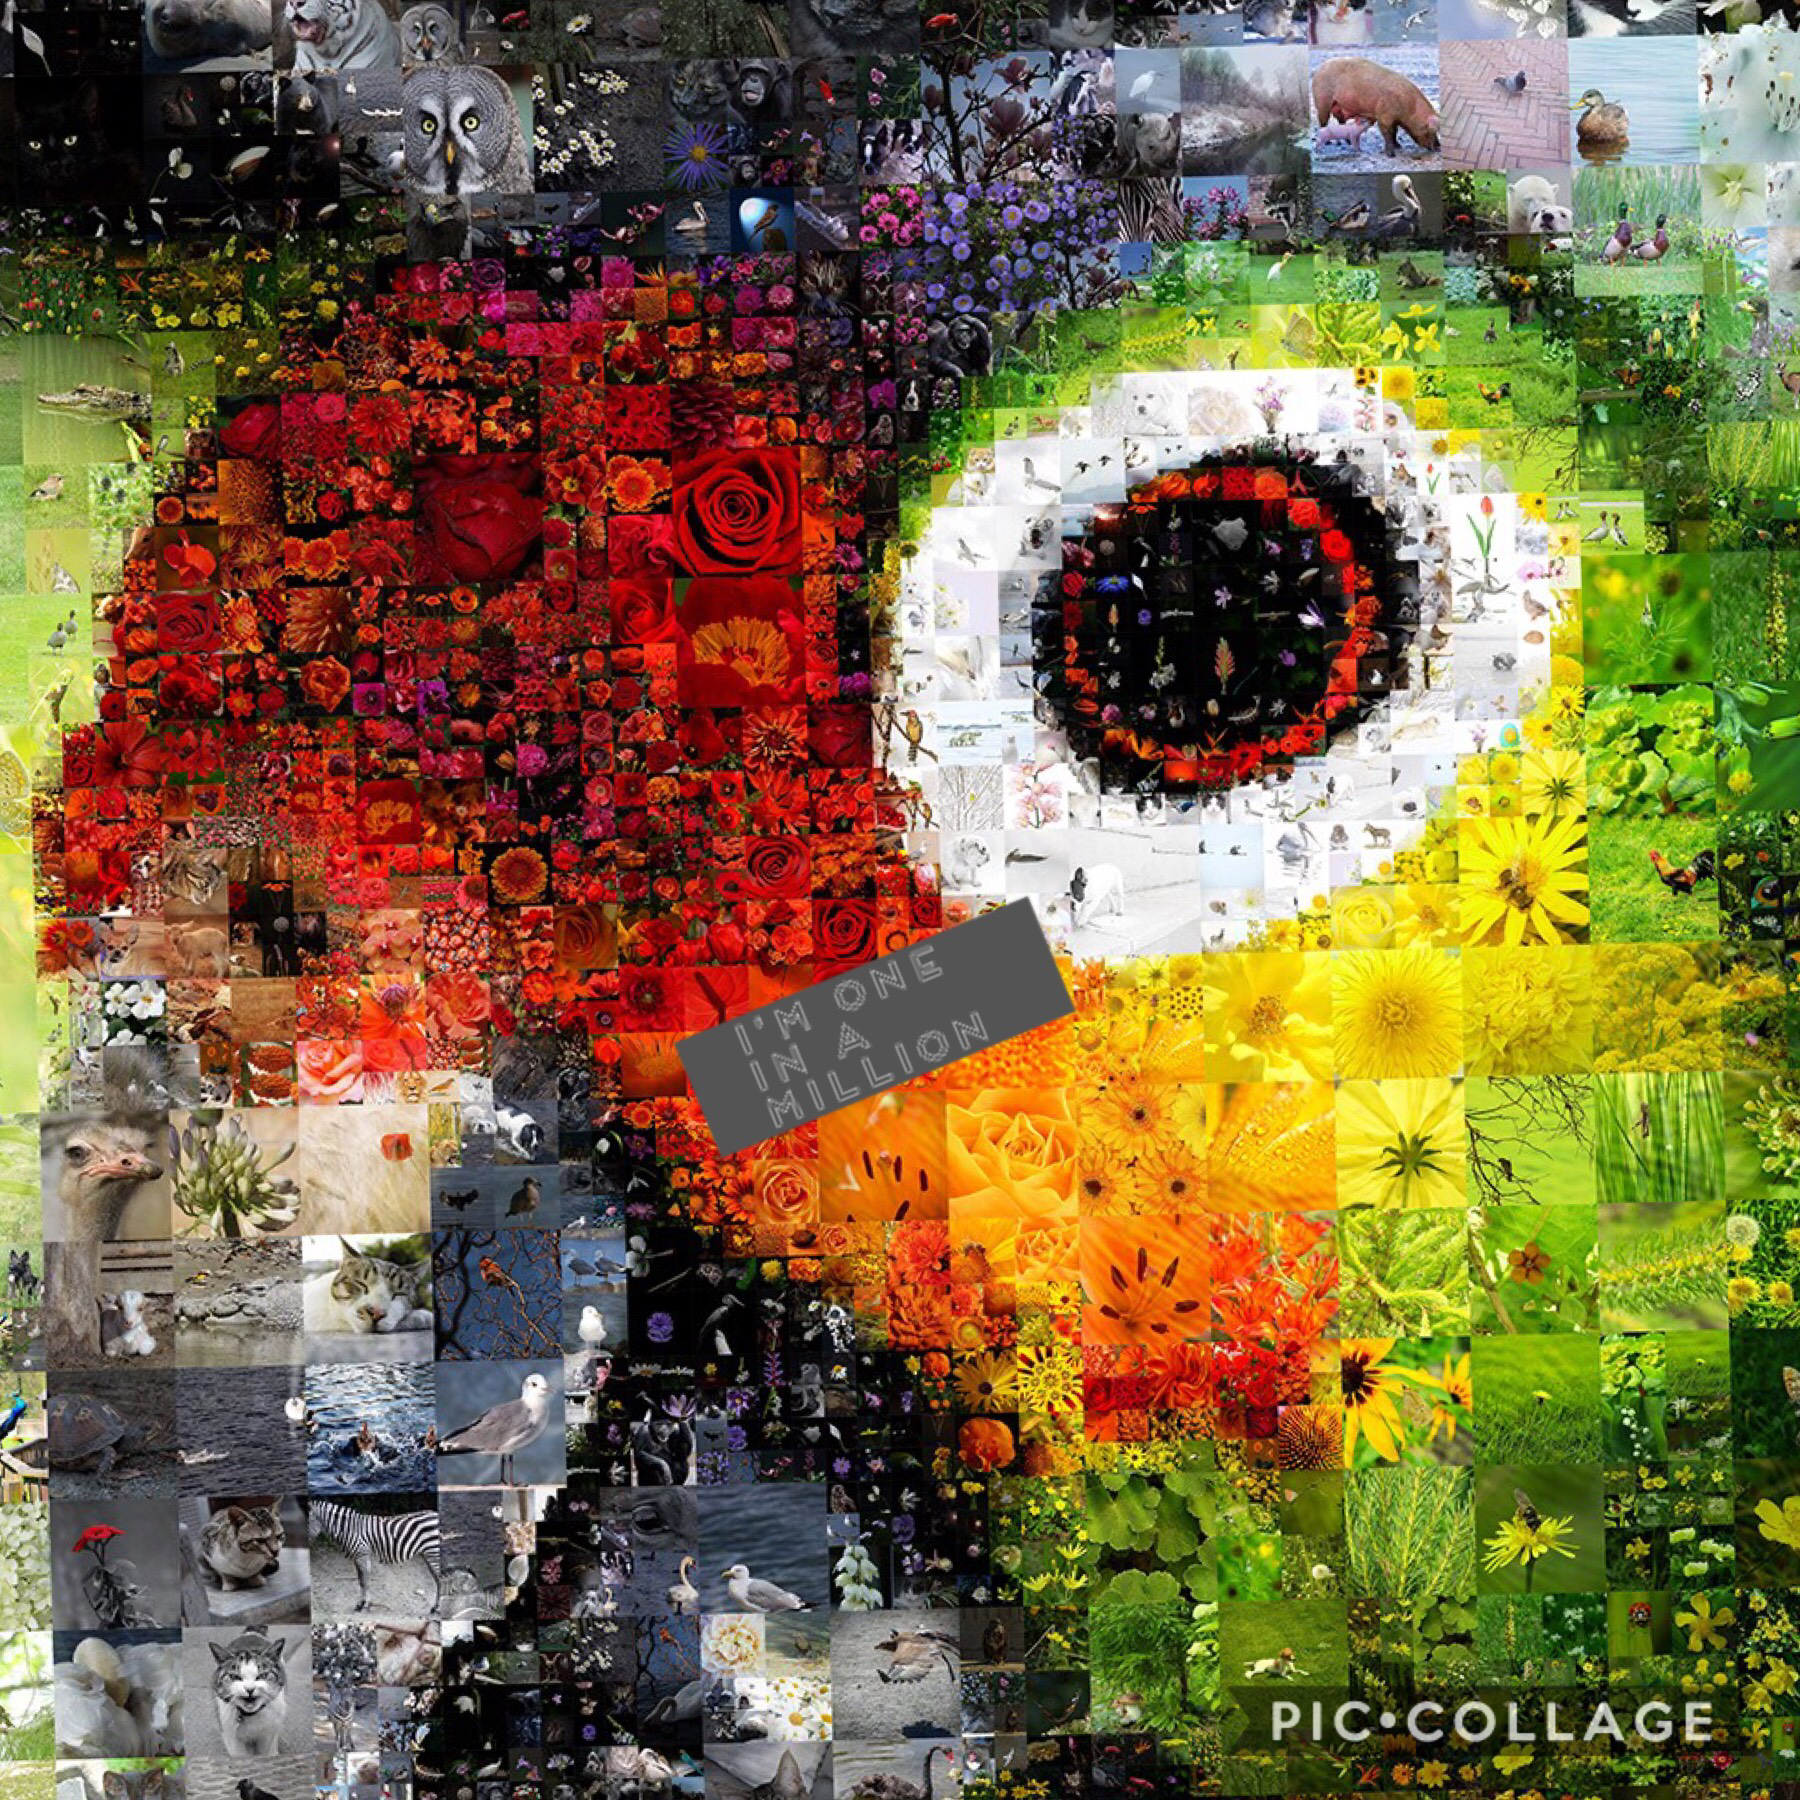 Collage by itskmatt